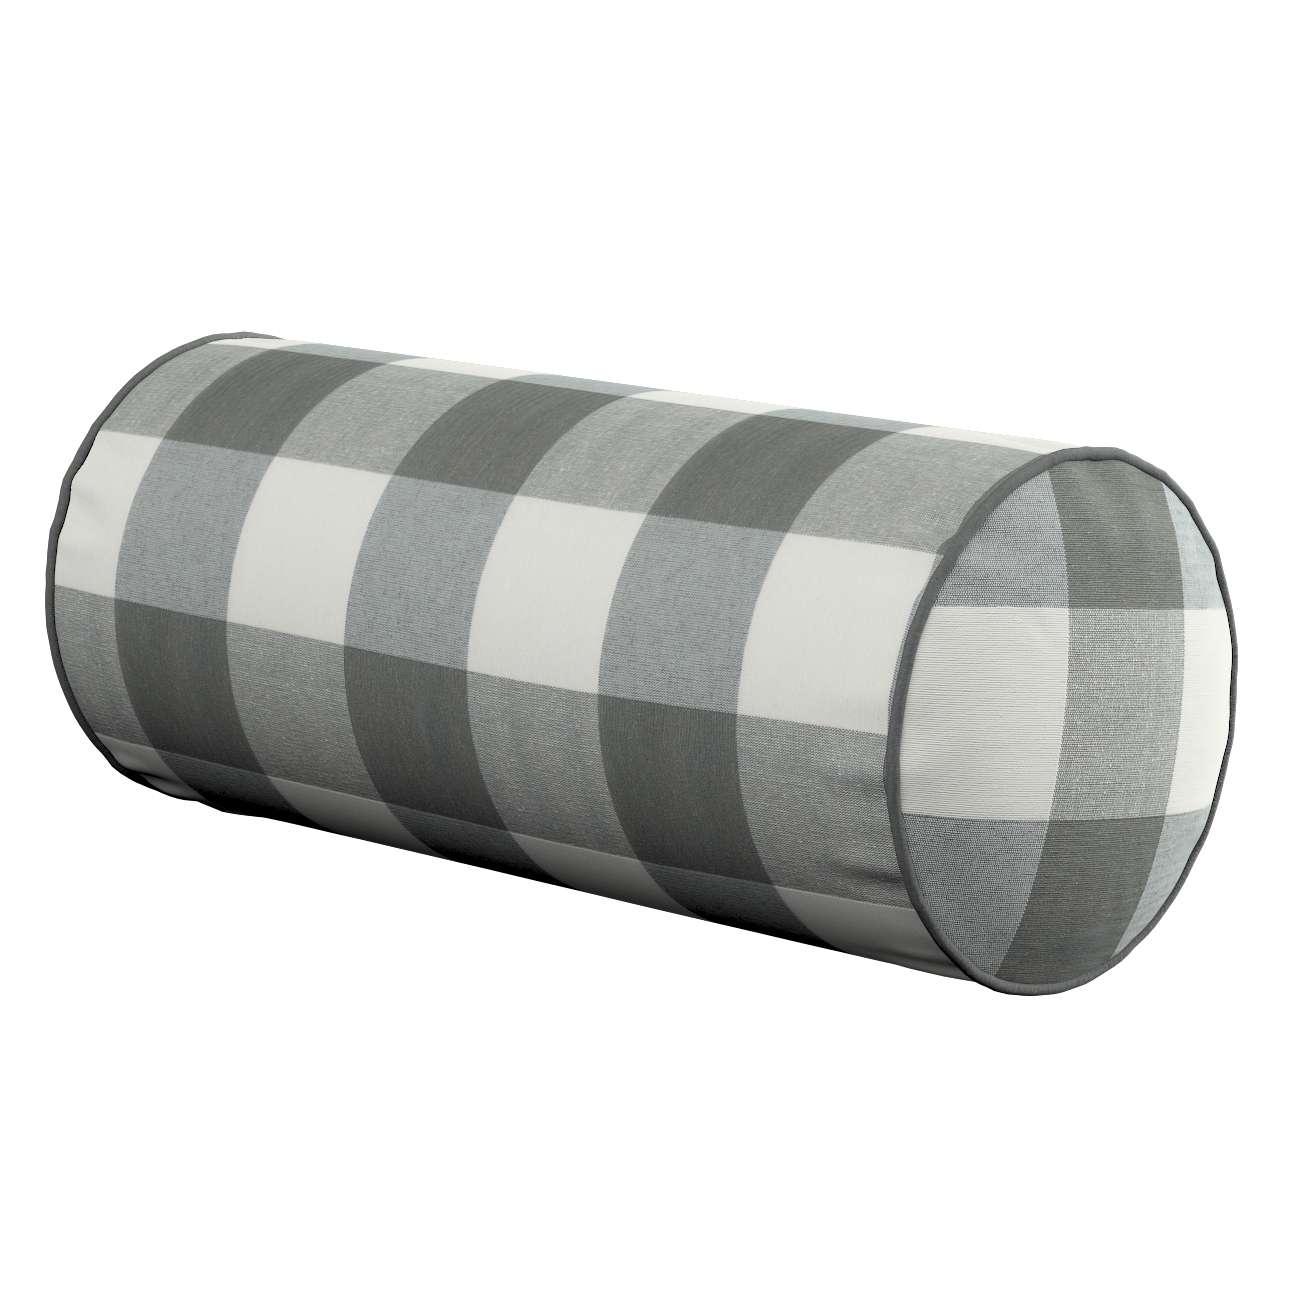 Ritinio formos  pagalvėlės užvalkalas Ø 16 x 40 cm (6 x 16 inch) kolekcijoje Quadro, audinys: 136-13